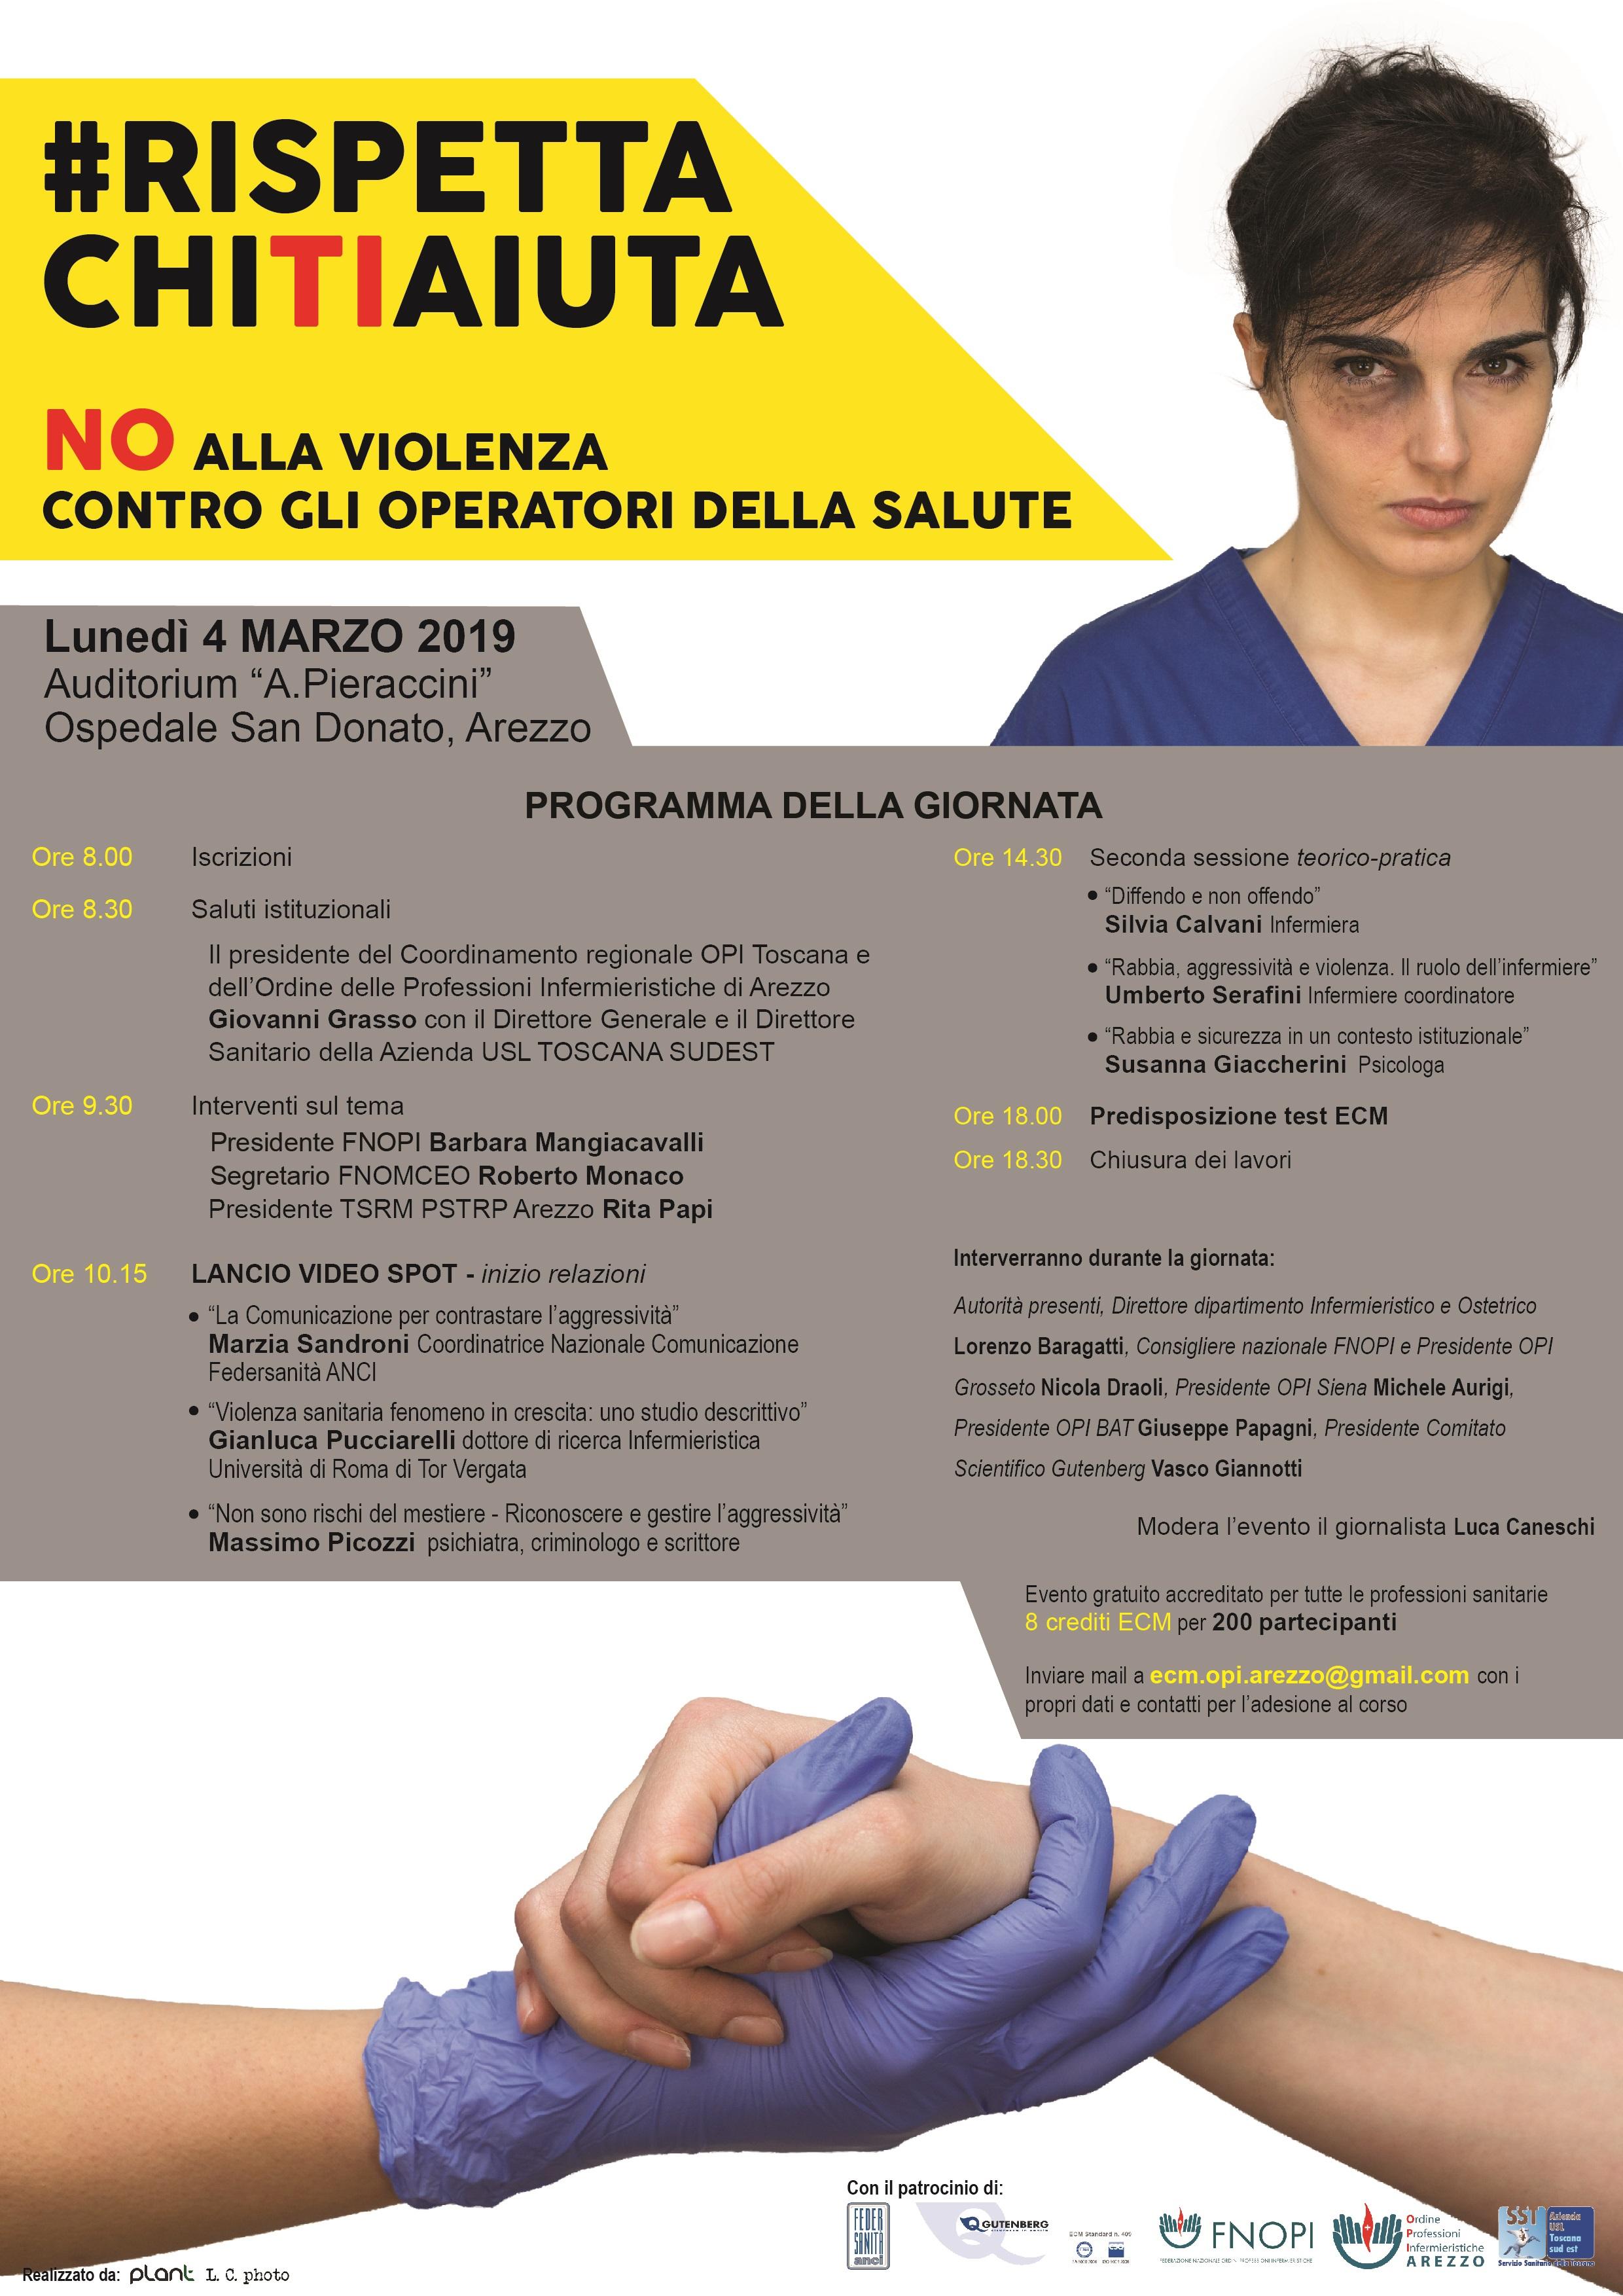 Grande successo per l'hashtag lanciata dagli infermieri di Arezzo #RispettaChiTiAiuta 2